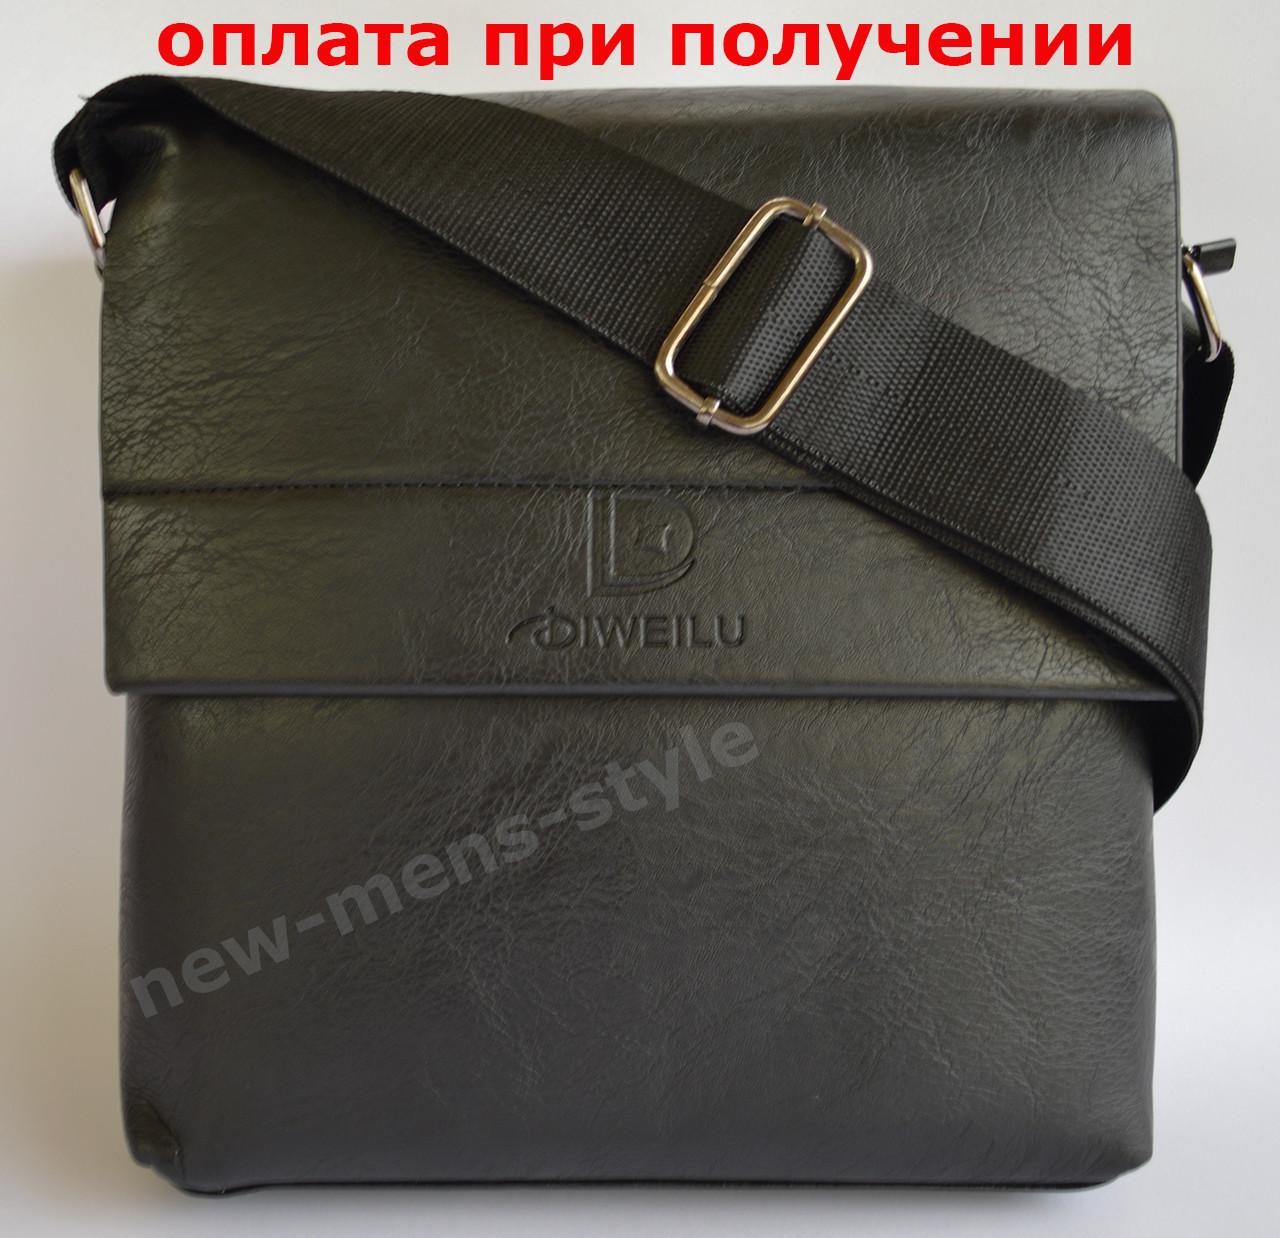 558fb00b6f85 Мужская кожаная фирменная сумка барсетка DIWEILU Polo классика купить